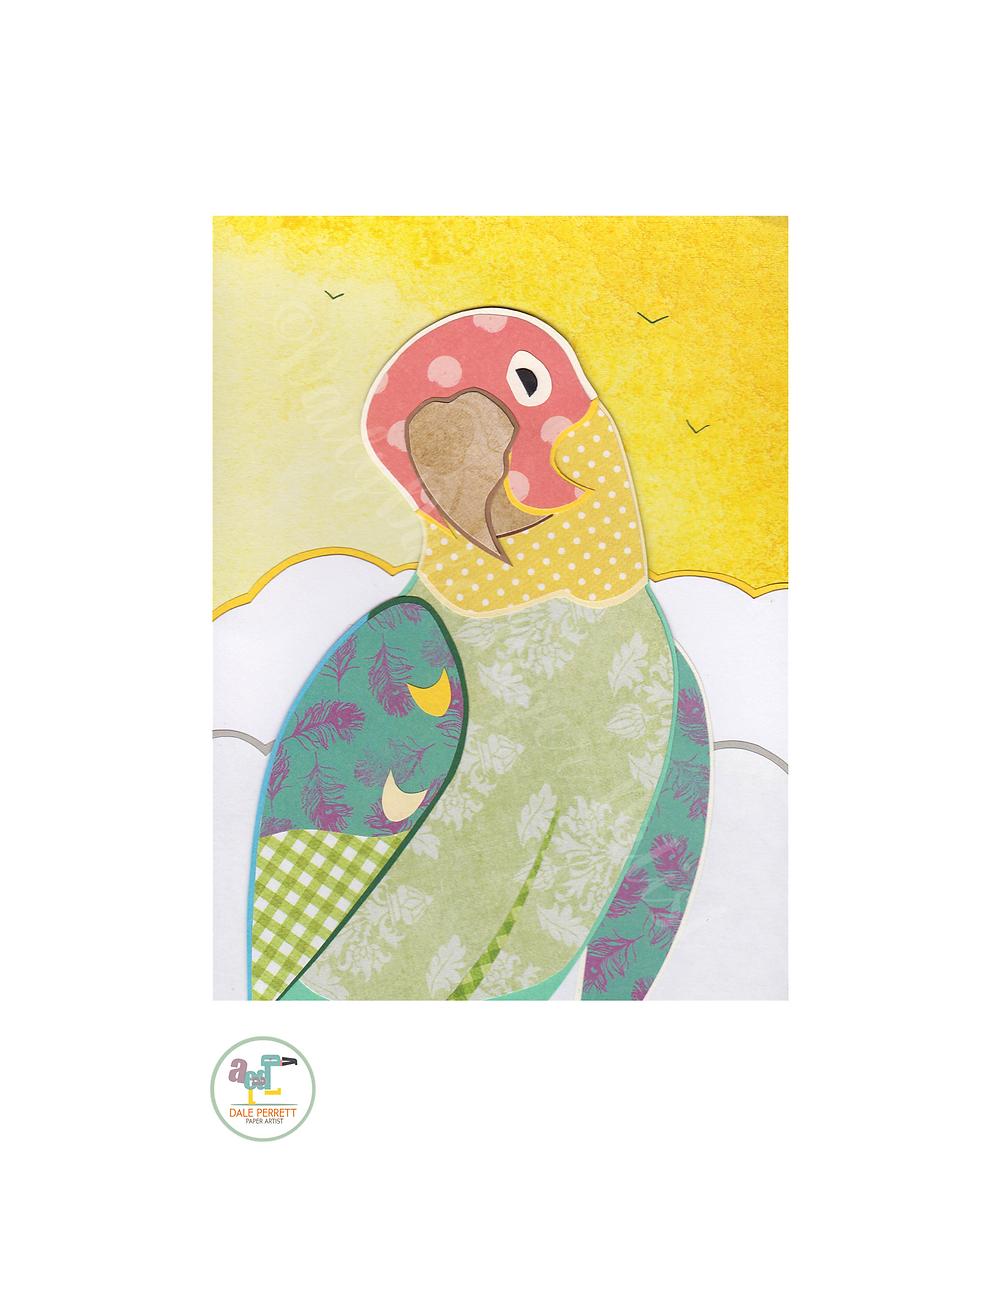 The Carolina Parakeet